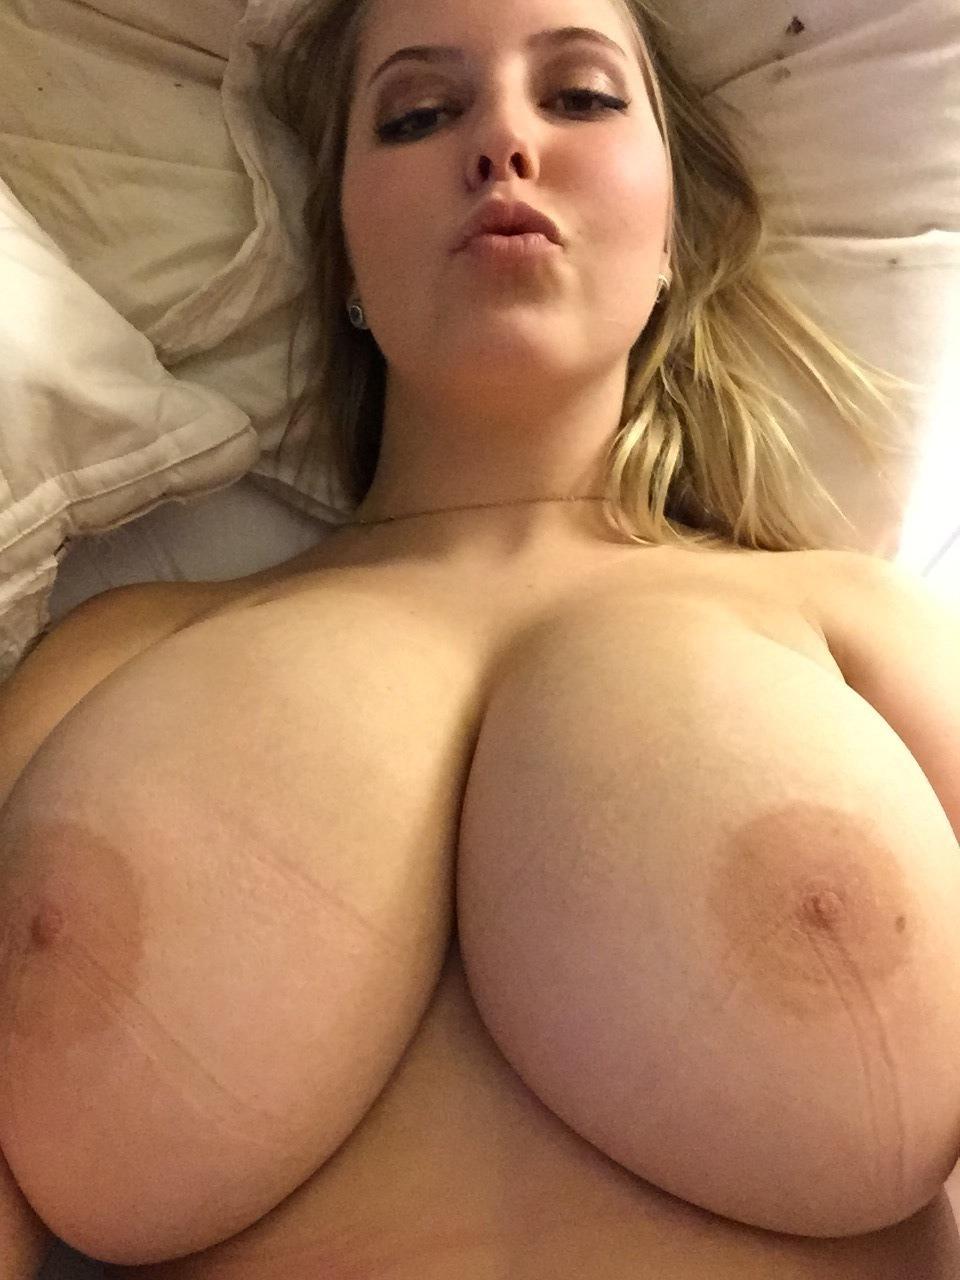 The best nude body XXX